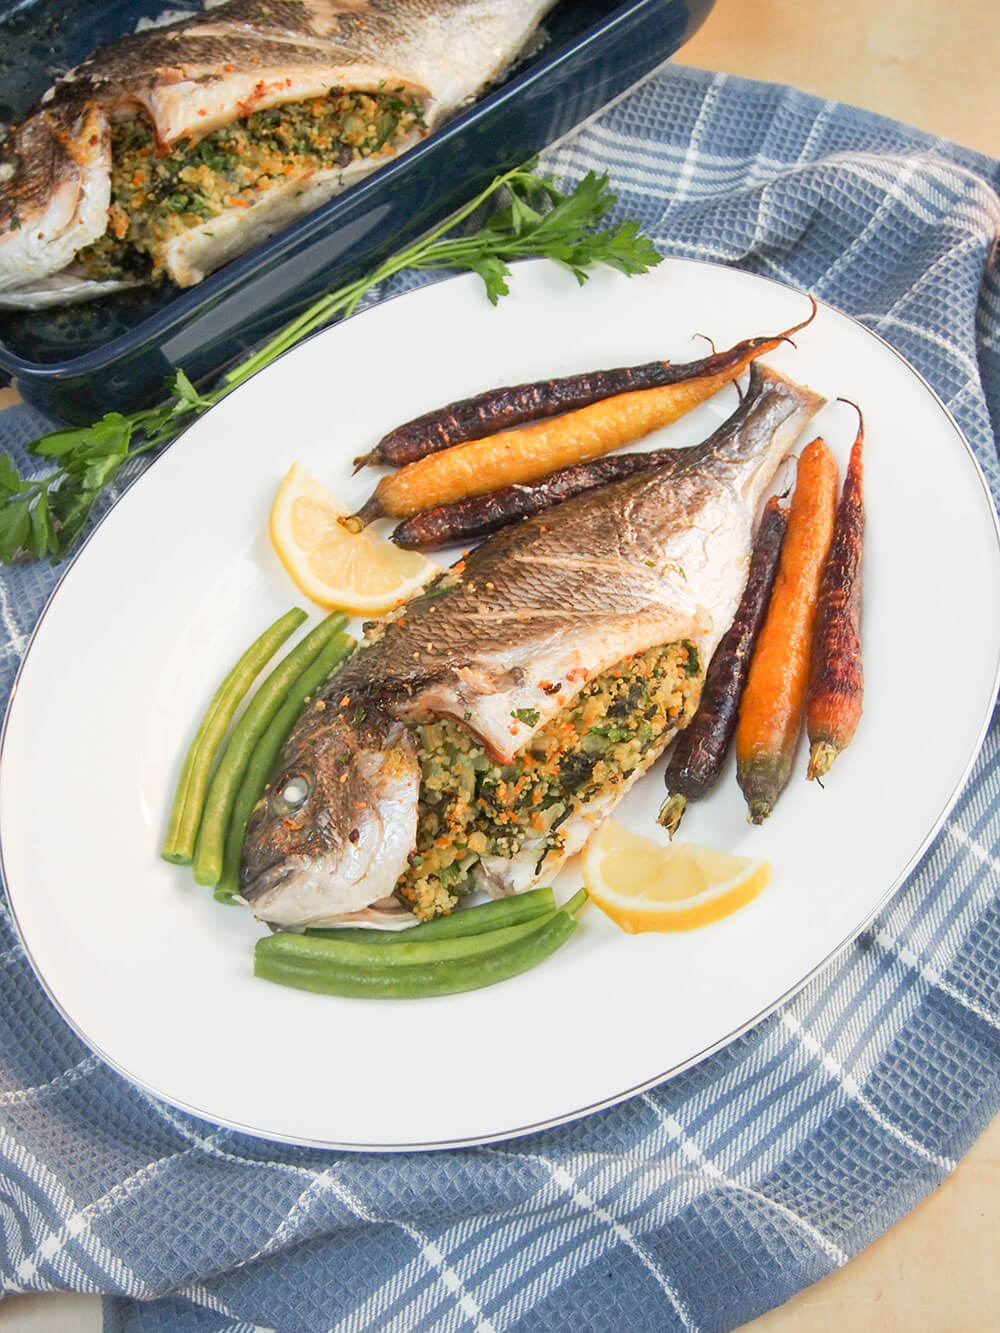 chard couscous stuffed fish on plate